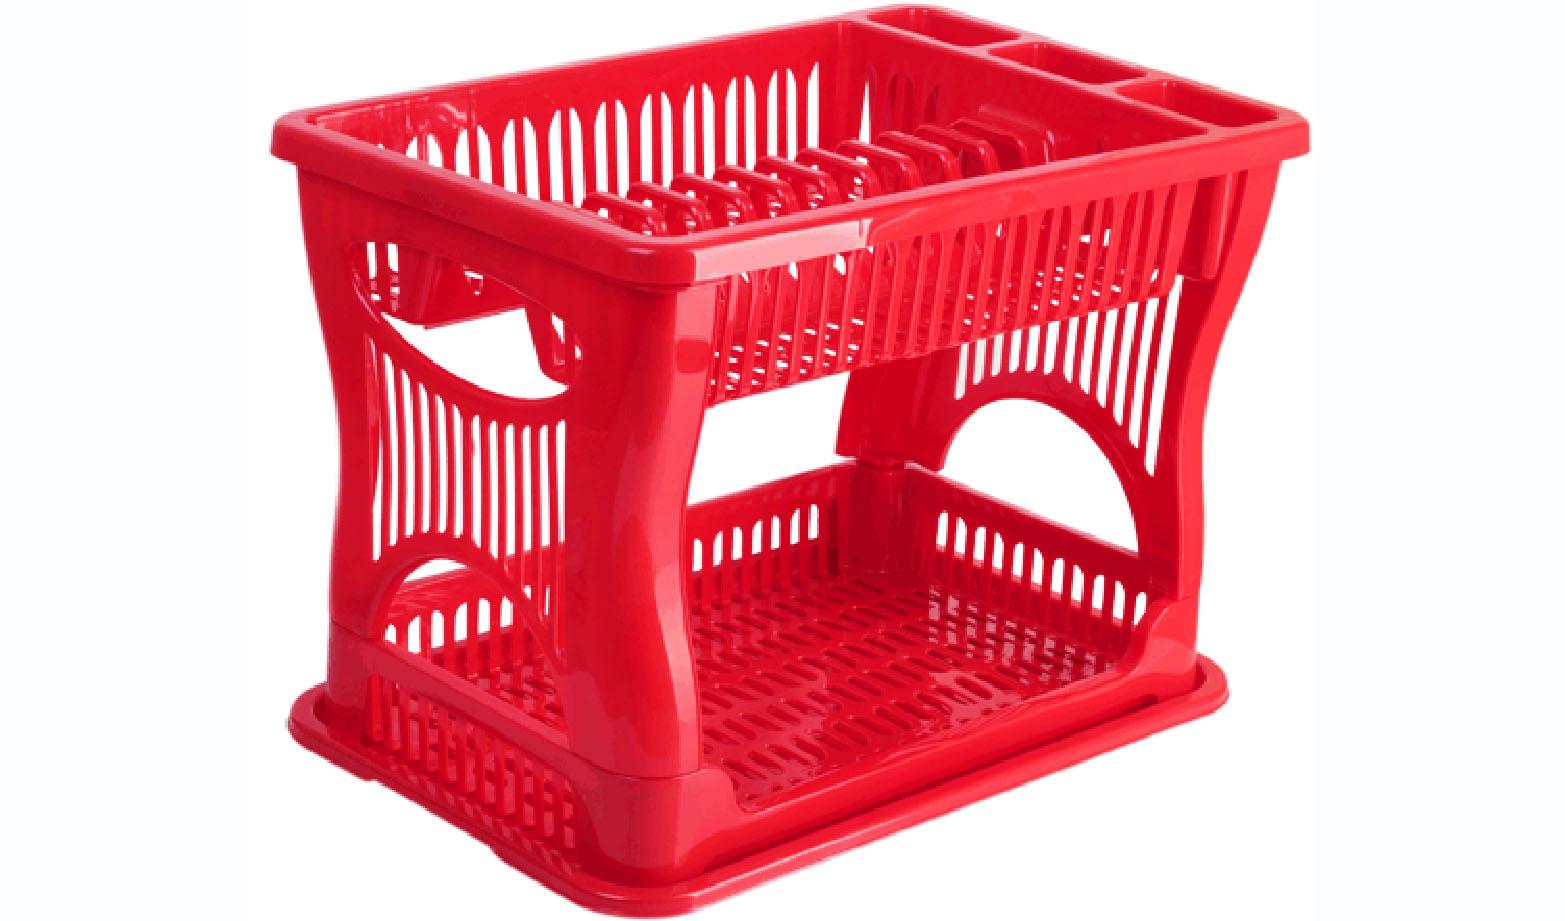 Сушилка для посуды Idea, 2-ярусная, цвет: красный, 42 х 27 х 30,5 смМ 1175Двухъярусная сушилка Idea выполнена из прочного пластика и оснащена поддоном. Изделие комплектуется двумя ярусами: верхний ярус - для тарелок и столовых приборов, нижний ярус - для кружек, мисок и других предметов. Благодаря своей функциональности, сушилка для посуды Idea займет достойное место на вашей кухне и будет очень полезна любой хозяйке. Стильный, современный и лаконичный дизайн сделает сушилку прекрасным дополнением интерьера вашей кухни. Сушилку для посуды можете установить в любом удобном месте. Компактные размеры и оригинальный дизайн выделяют сушилку из ряда подобных. Общий размер сушилки: 42 х 27 х 30,5 см.